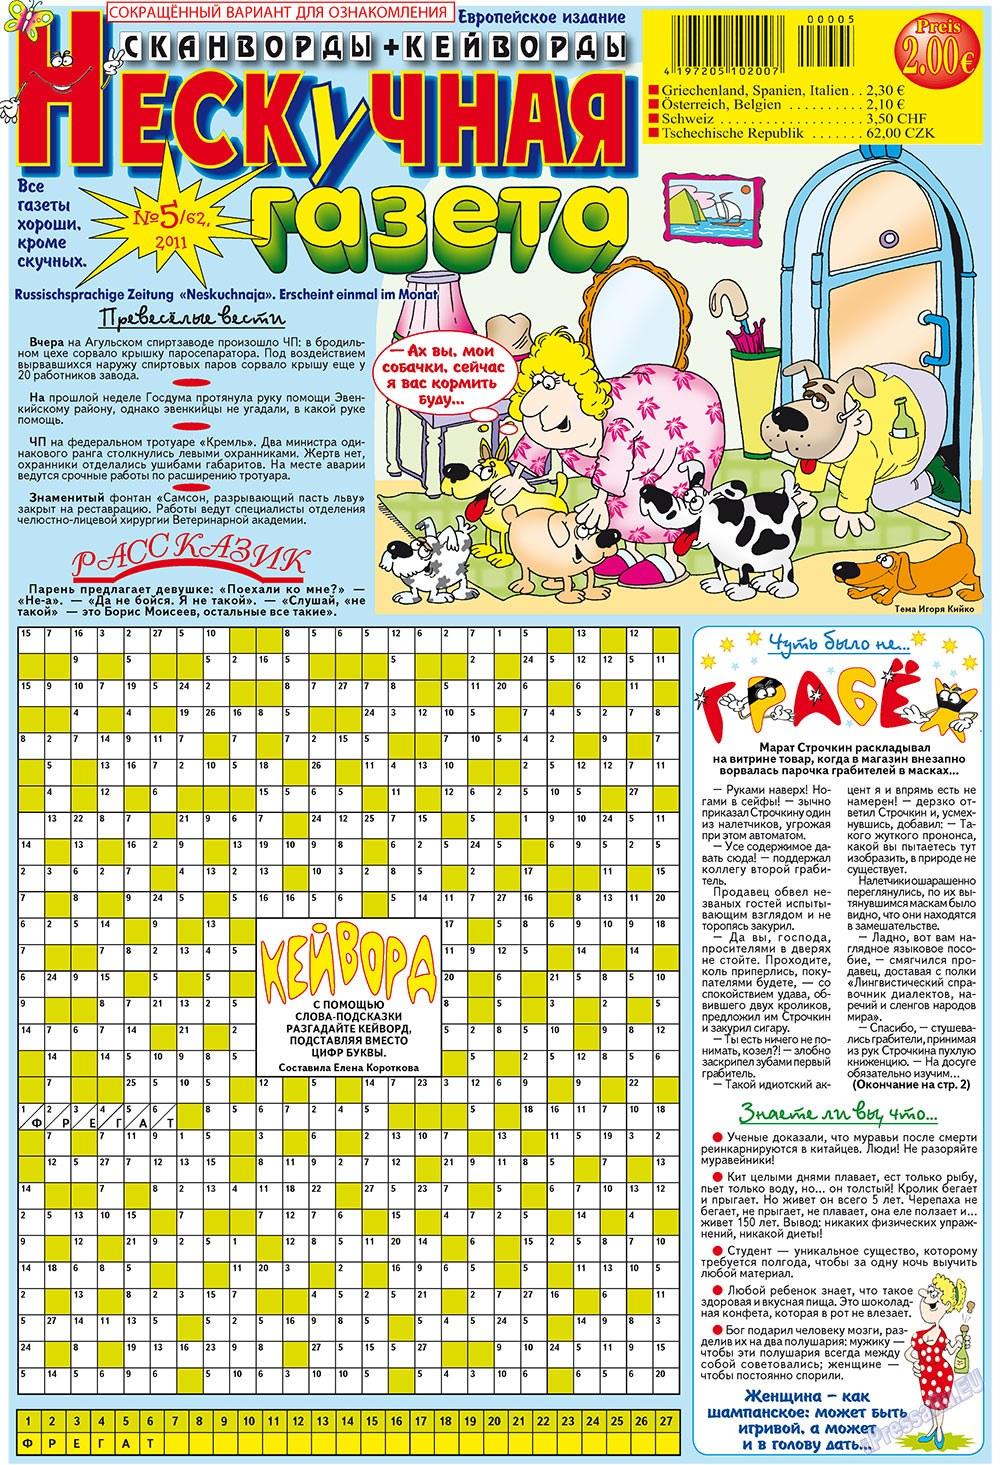 Нескучная газета (журнал). 2011 год, номер 5, стр. 1